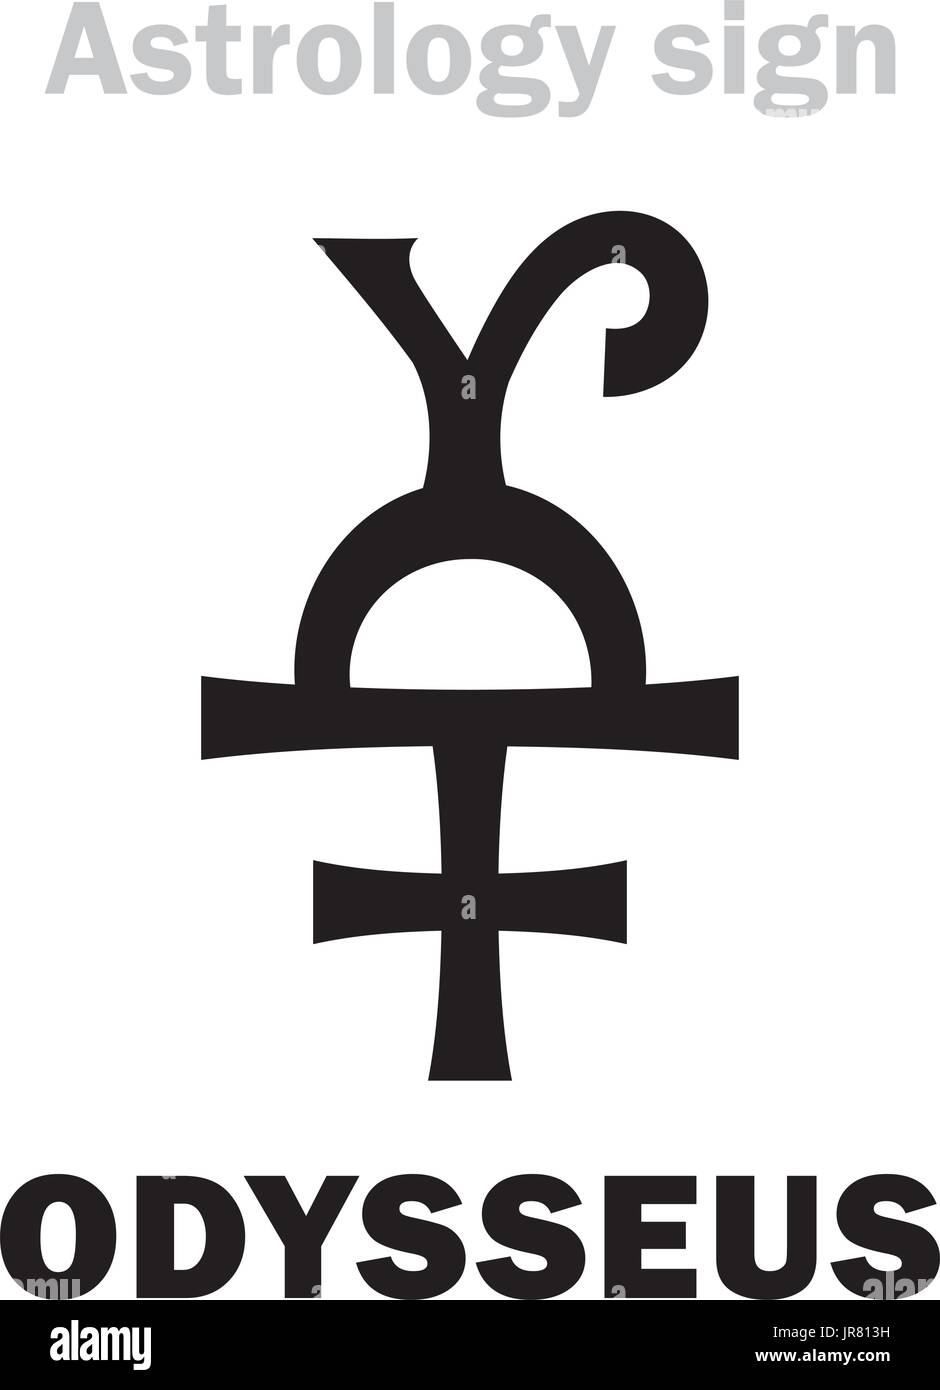 Astrology Alphabet: ODYSSEUS (Ulysses), asteroid #1143